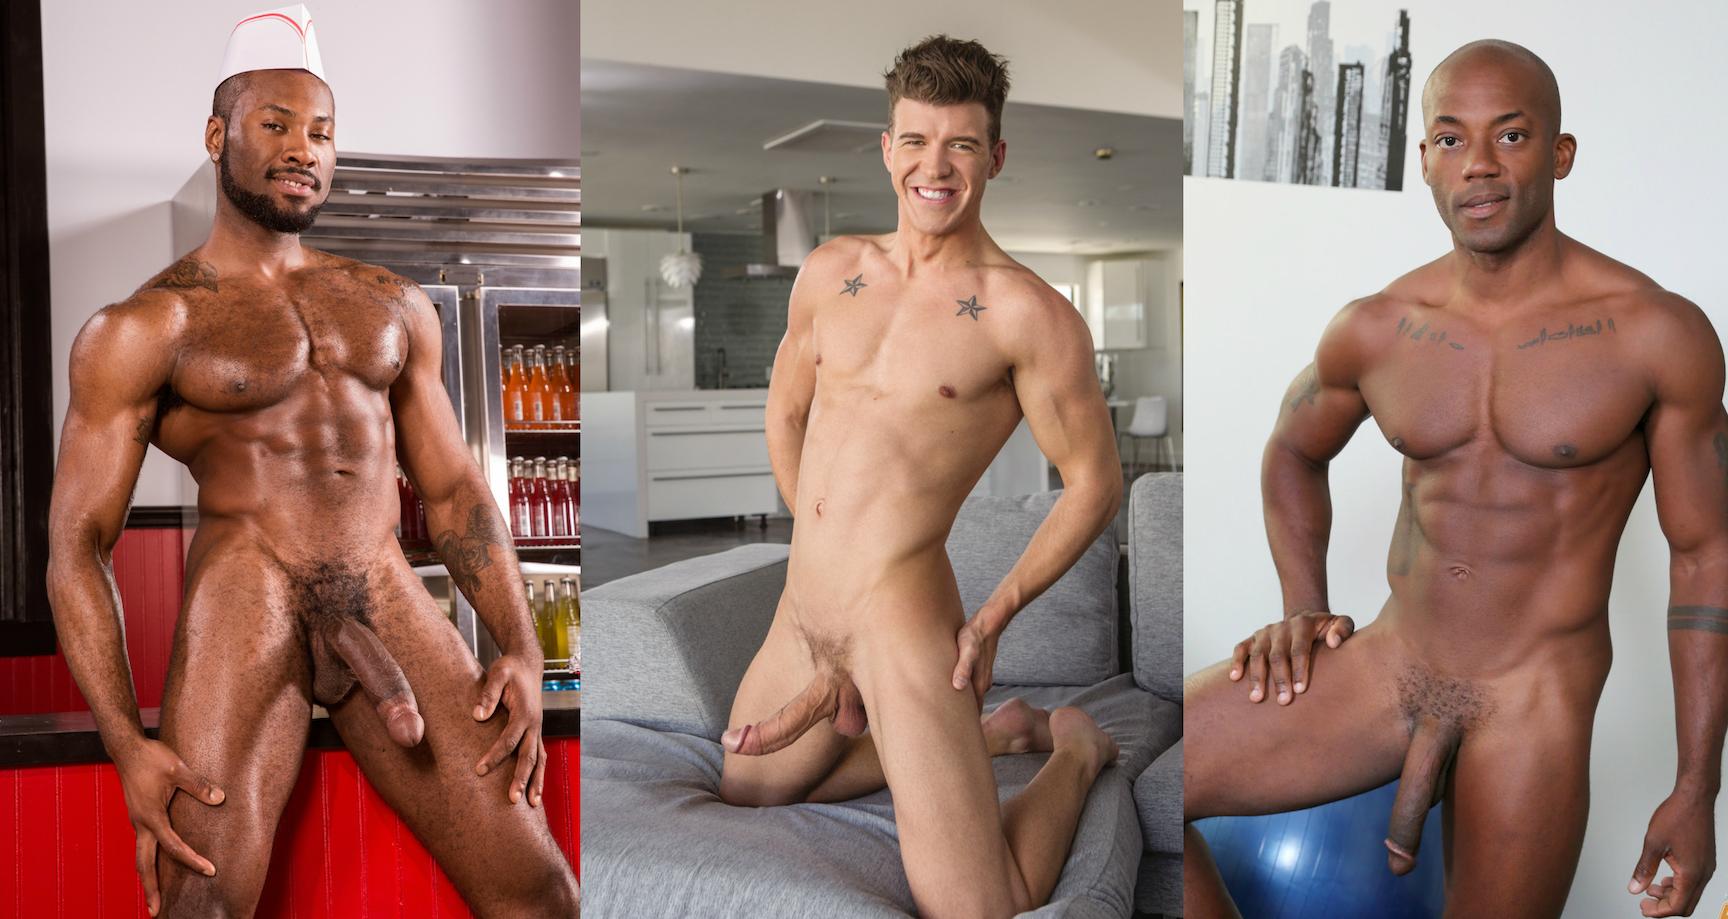 cocks gay porn